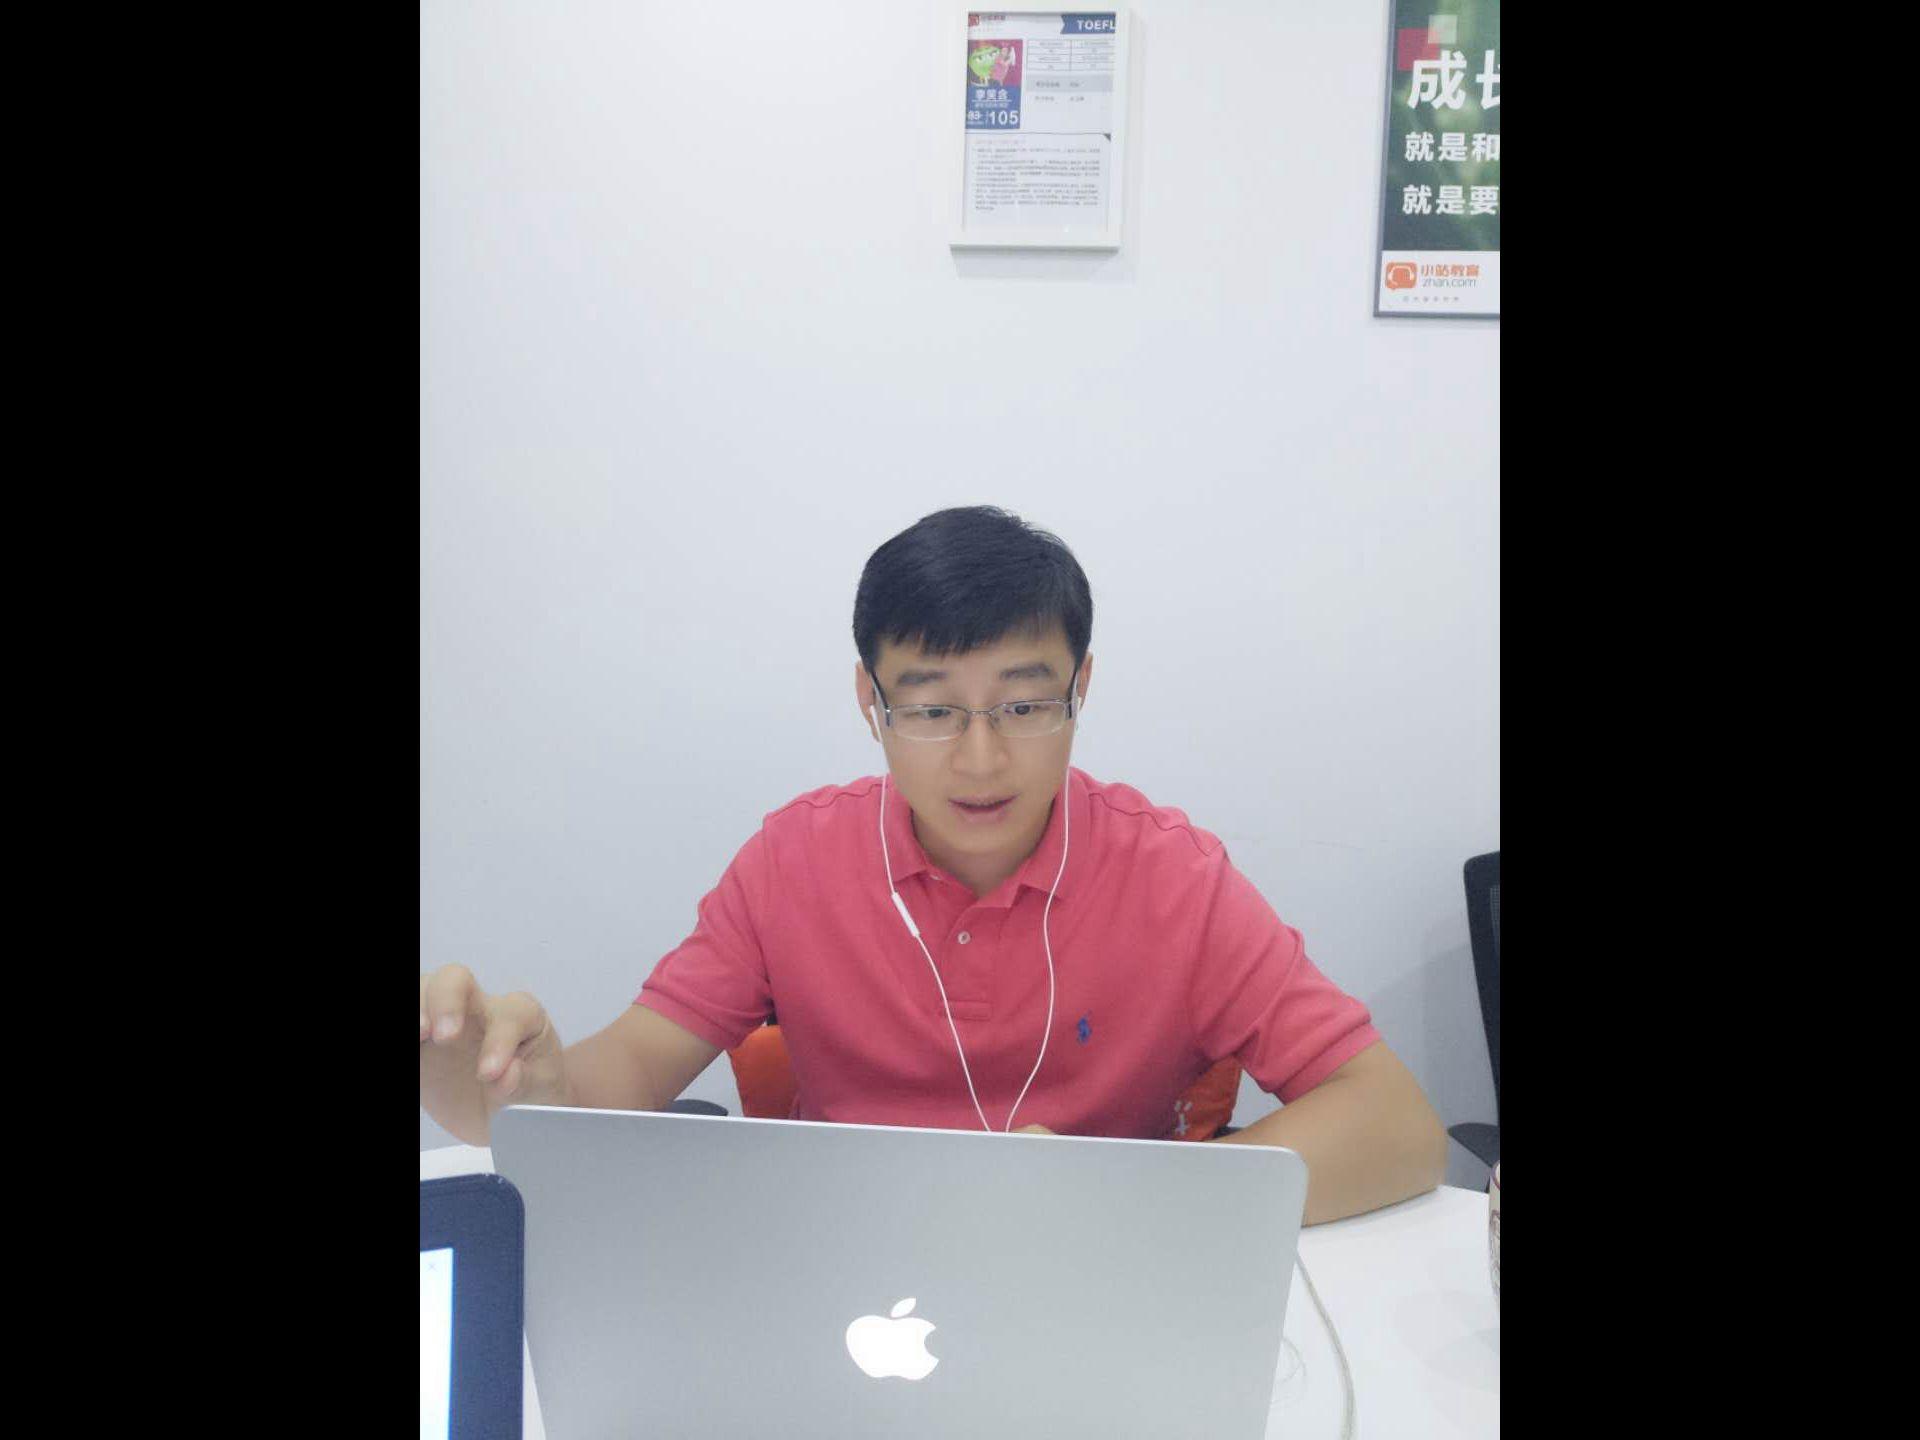 郑庆利照片1